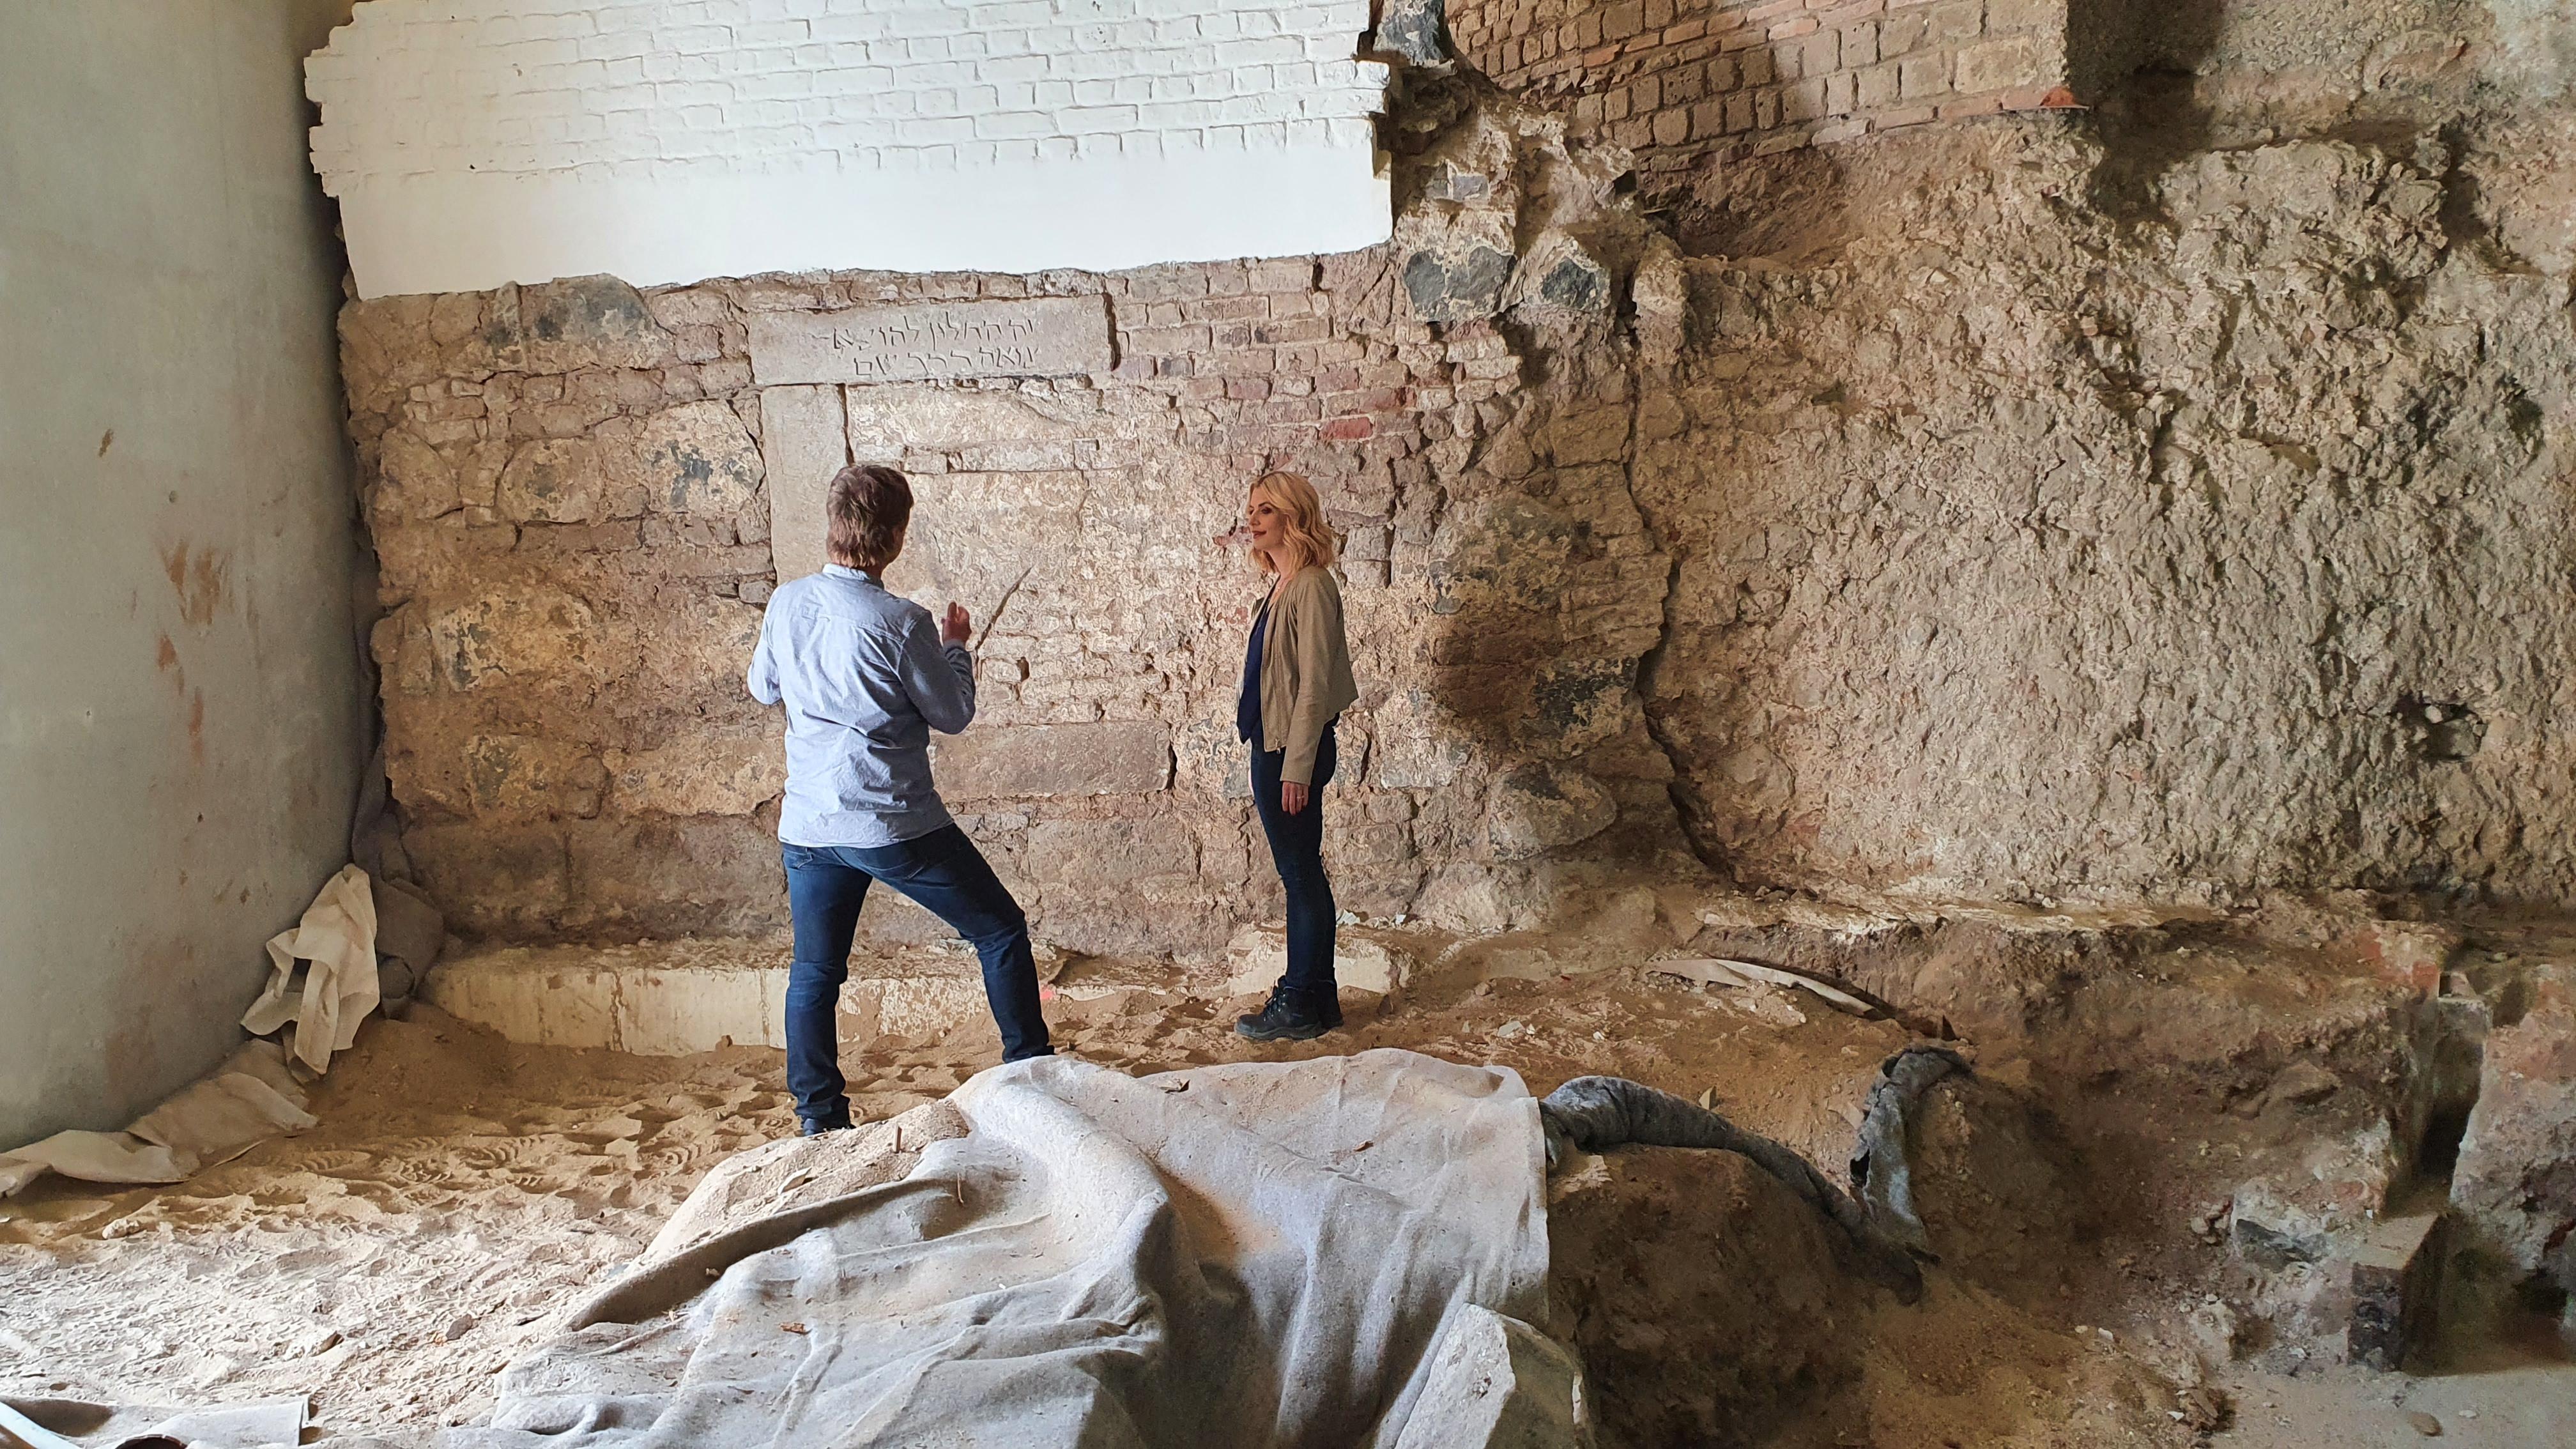 Interviewsituation: Links im Bild Mann mit hellblauem Hemd. Er erklärt einer Frau mit blonden Haaren und beige-farbener Jacke die archäologischen Befunde, die sie umgeben. Im Hintergrund eine hebräische Inschrift.